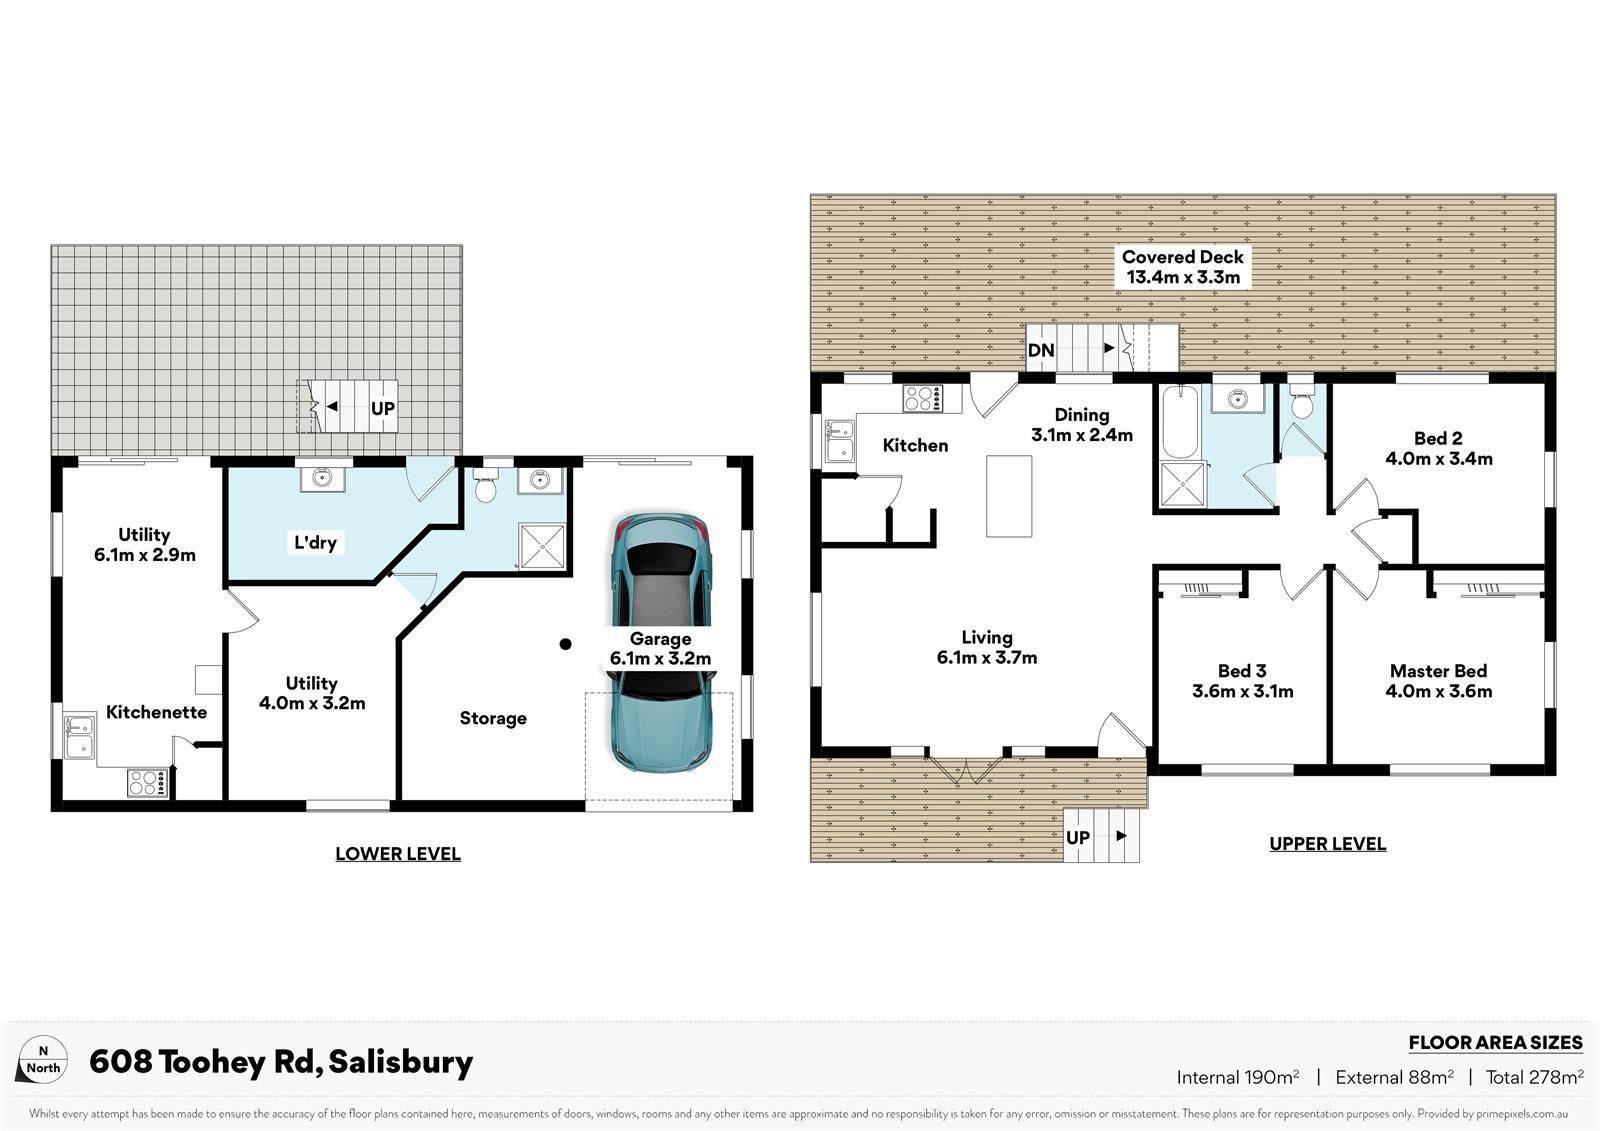 608 Toohey Rd SALISBURY QLD 4107 Floorplan 1